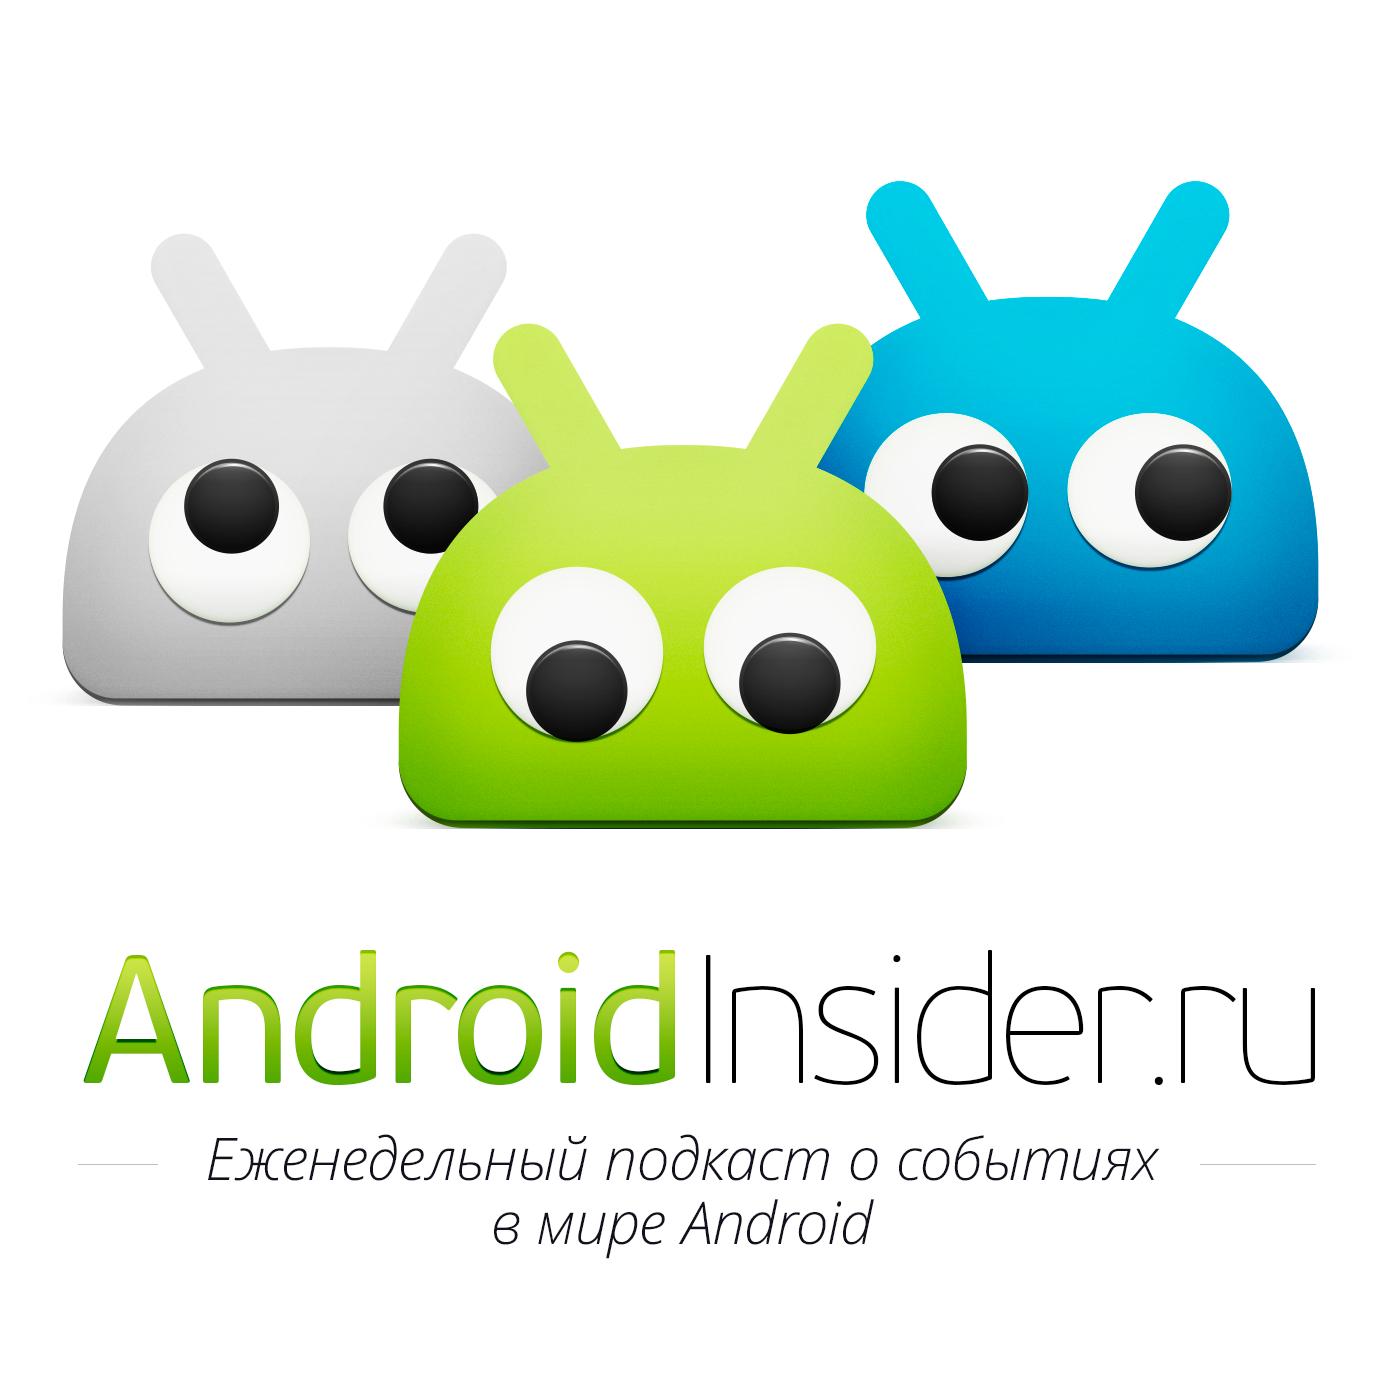 Илья Ильин Alcatel, Cyanogen и Microsoft htc hero android